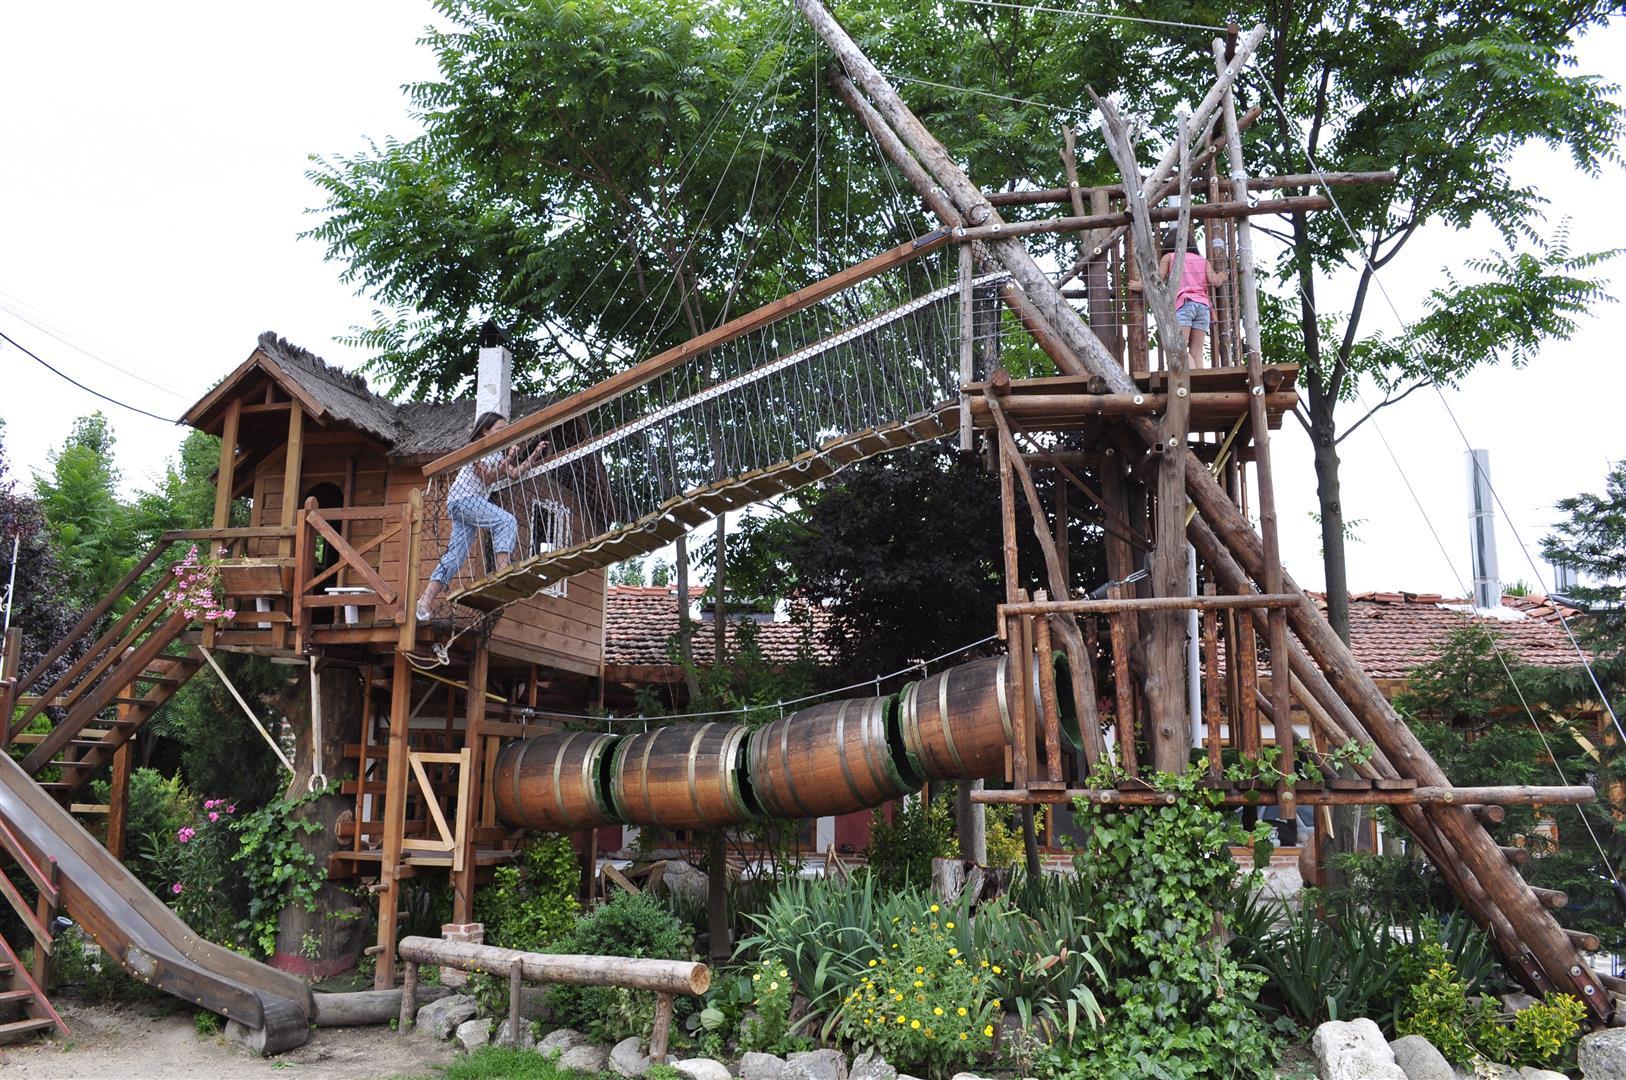 En puertas de la primavera casas rurales las cavas - Casitas en el arbol ...